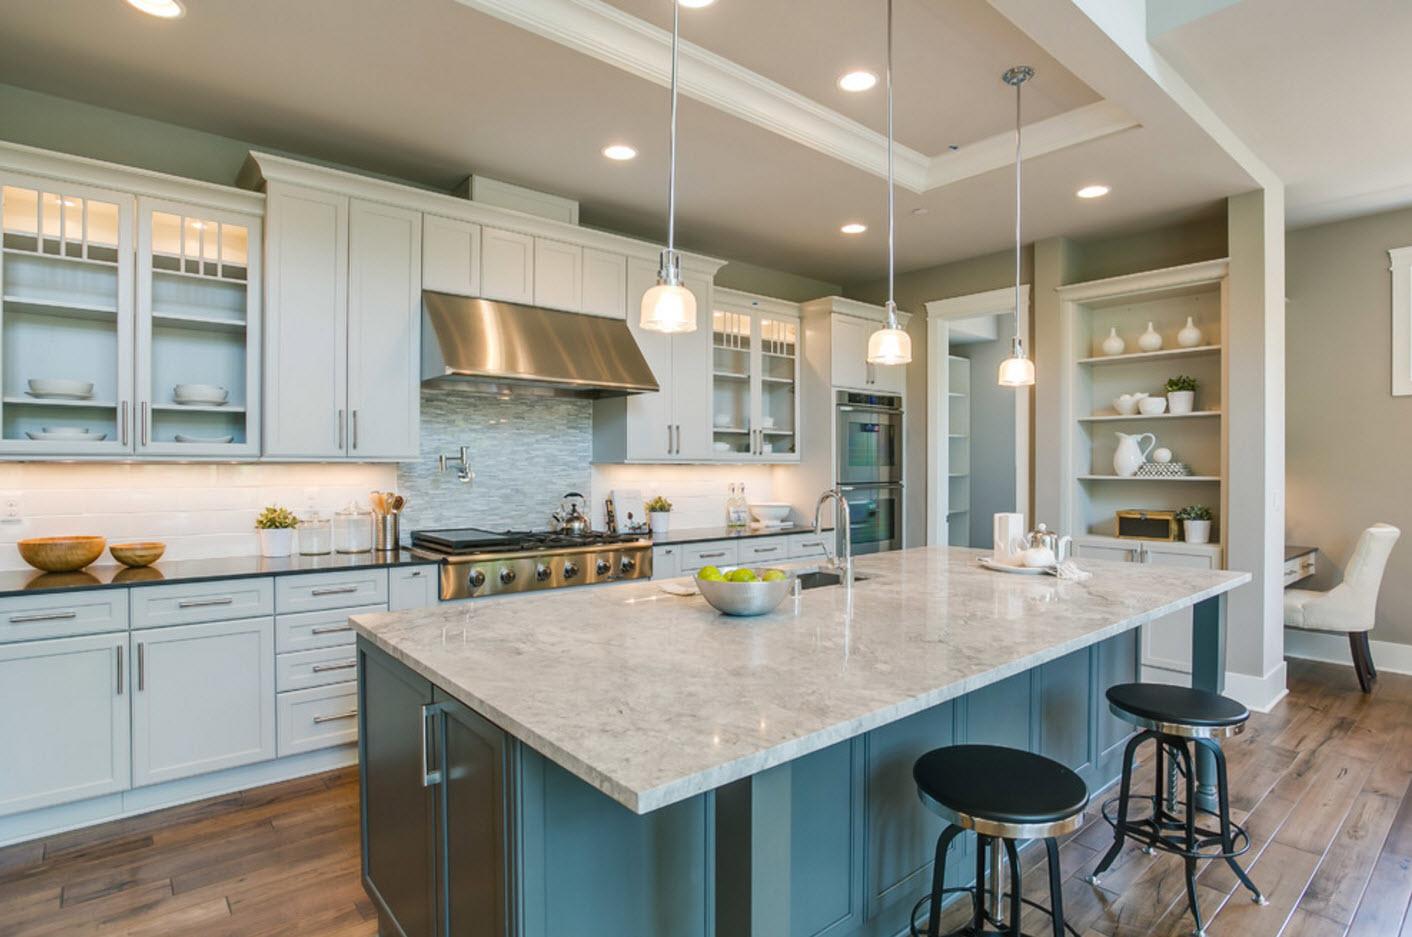 Дизайн кухни-столовой: 85 фото стильных идей интерьера и советы по выбору аксессуаров